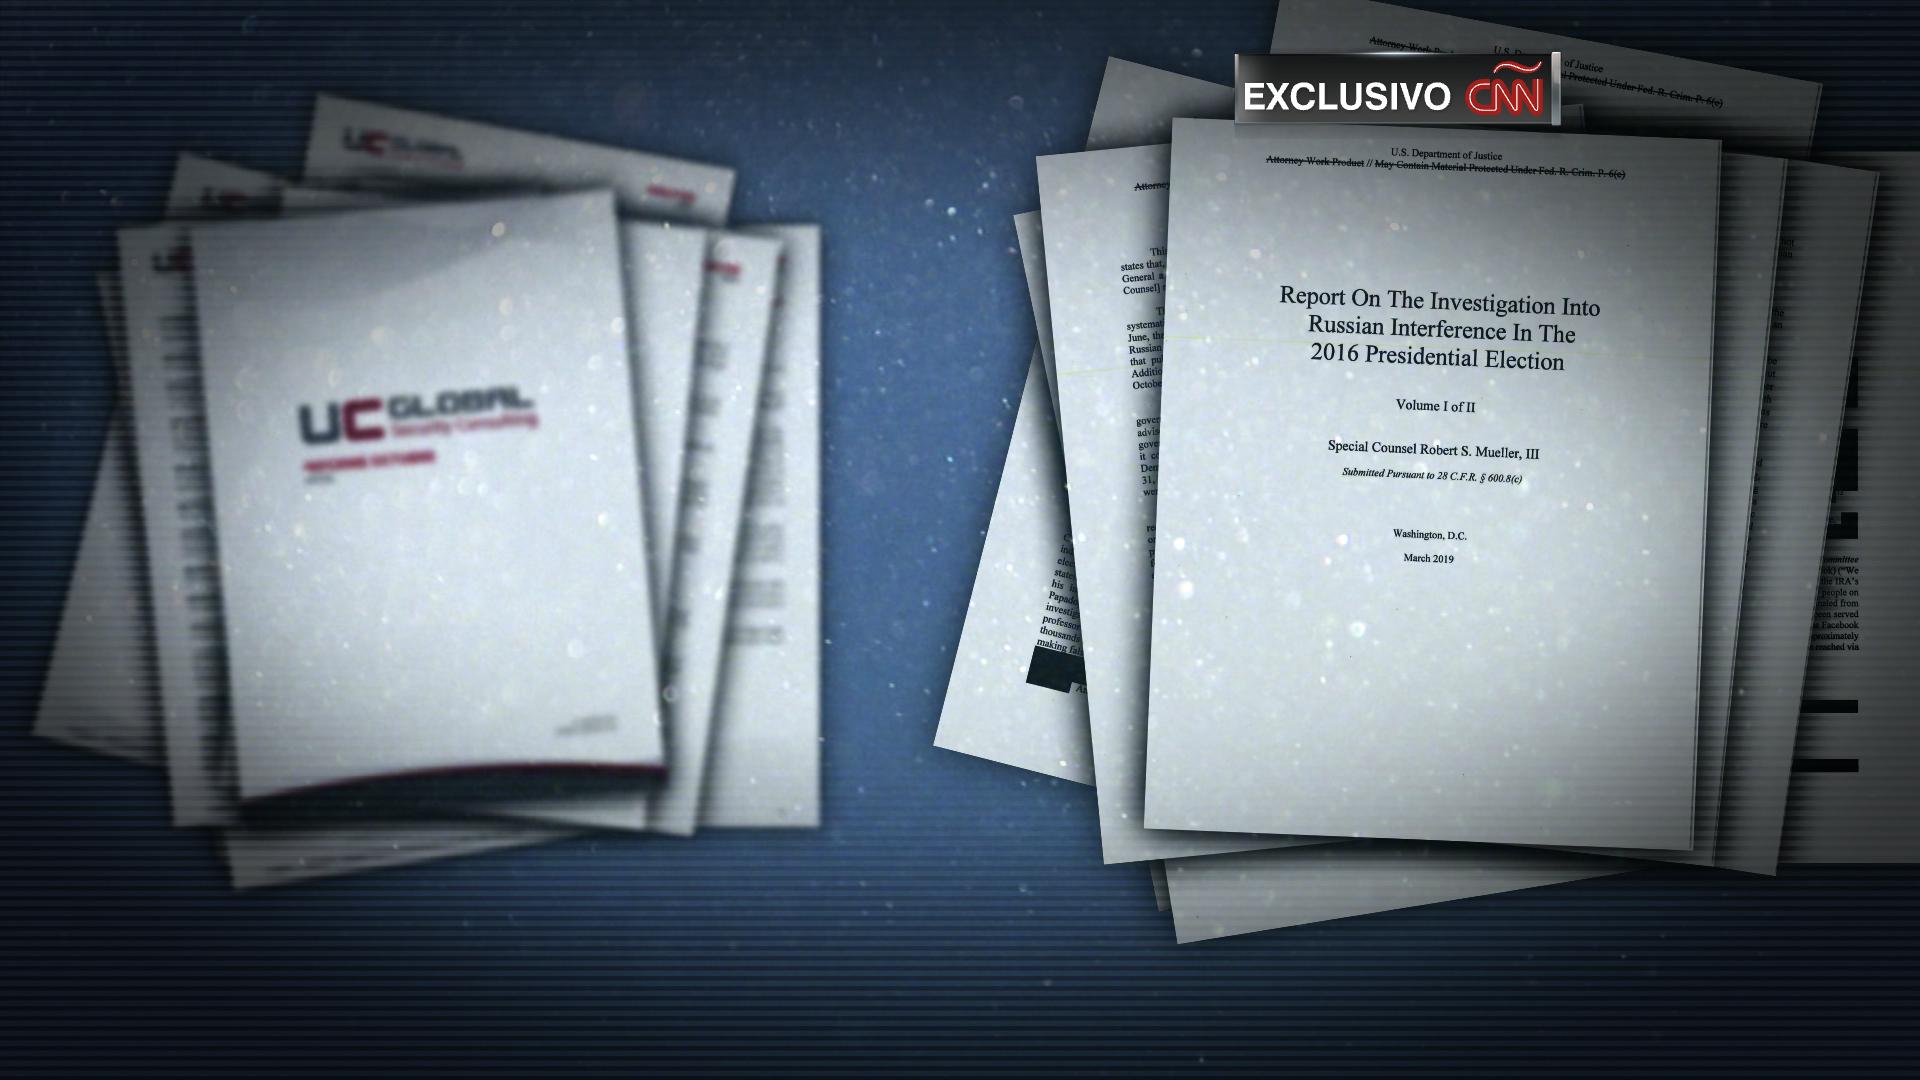 Los informes de vigilancia sobre las actividades de Assange en la Embajada de Ecuador agregan una nueva dimensión al Informe Mueller, que catalogó cómo WikiLeaks ayudó a los rusos a socavar la elección presidencial de EE.UU. Los documentos desarrollan la posibilidad, planteada por Mueller, de que varios mensajeros rusos llevaran archivos ciberpirateados a la embajada